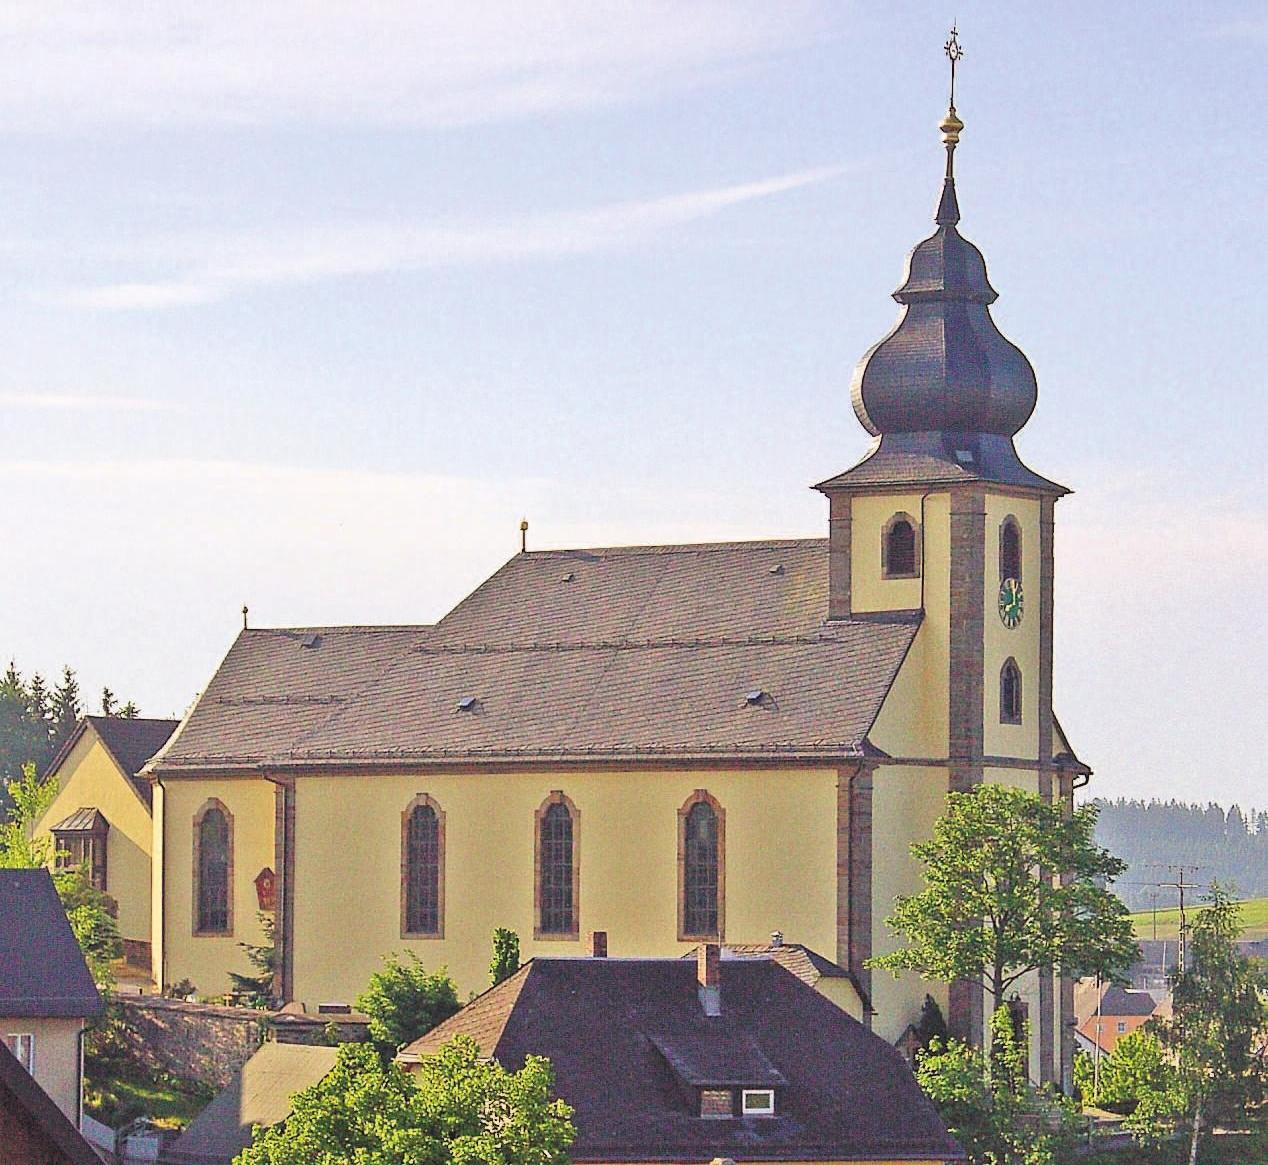 Der feierliche Festgottesdienst zum Kirchweihfest findet am kommenden Sonntag in der Sankt-Bartholomäus-Kirche in Marktleugast statt.